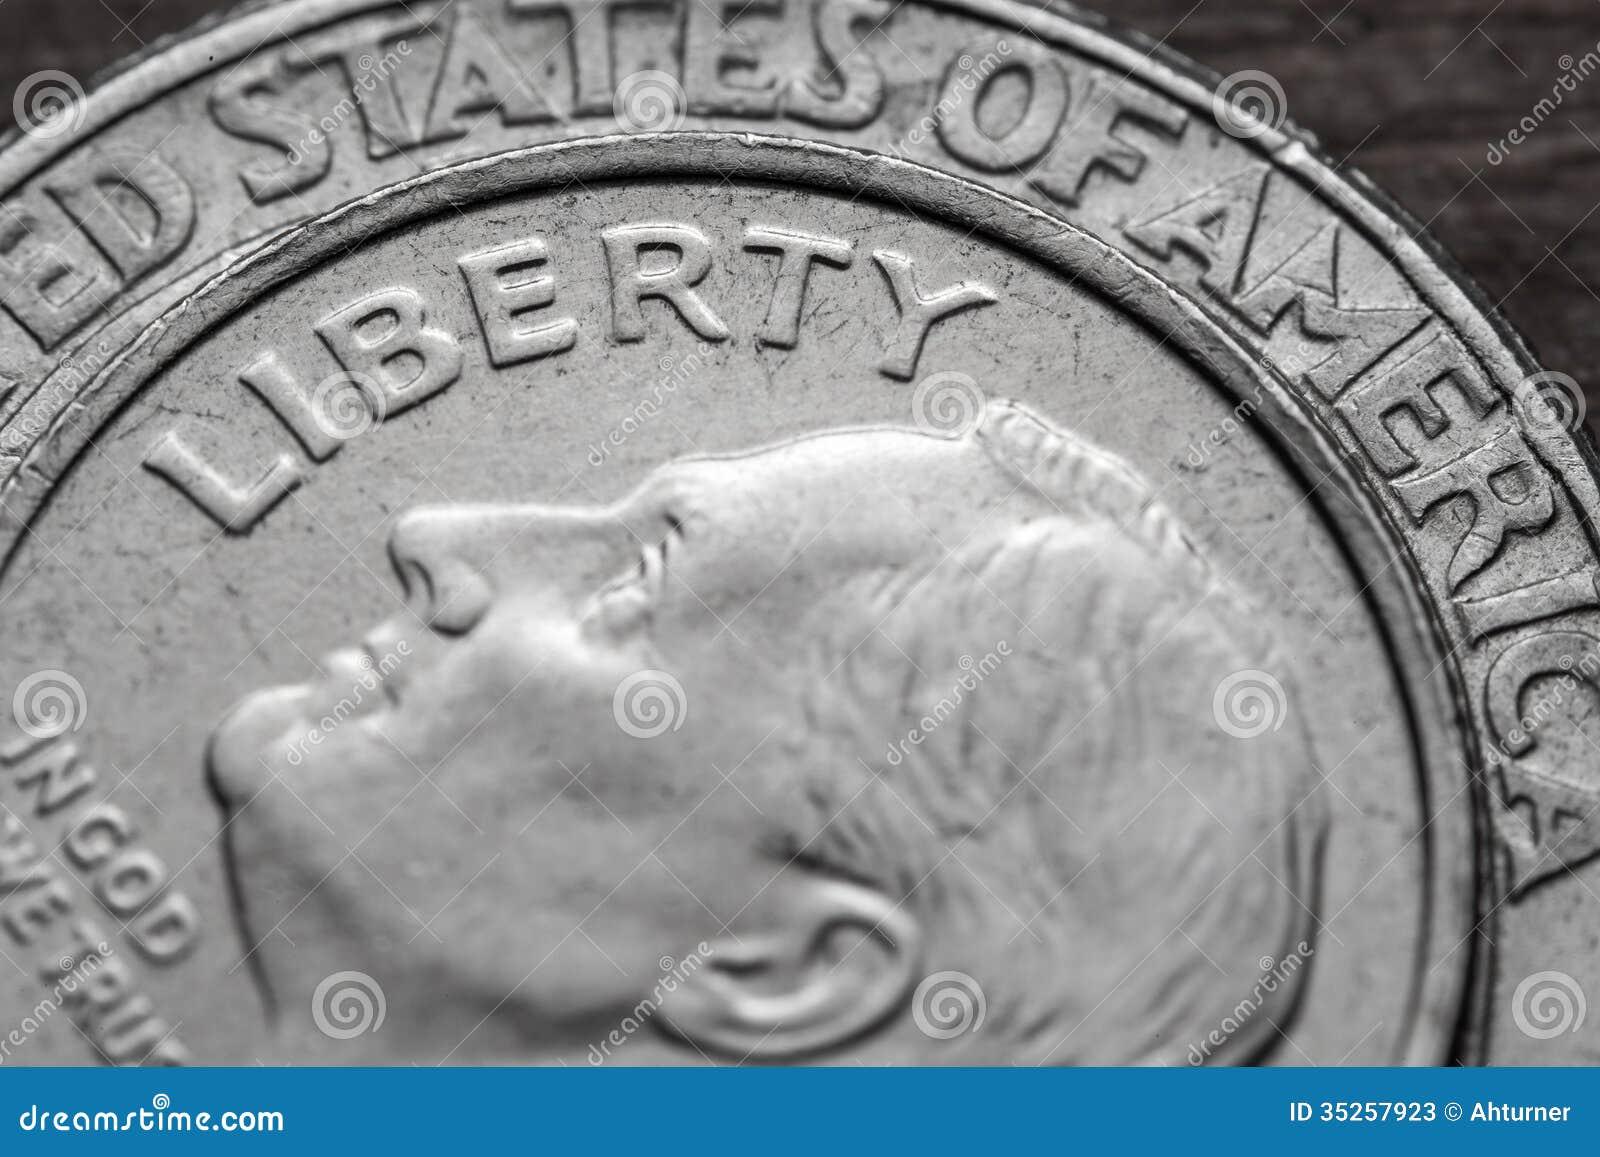 De vrijheid wordt gevonden in Amerika